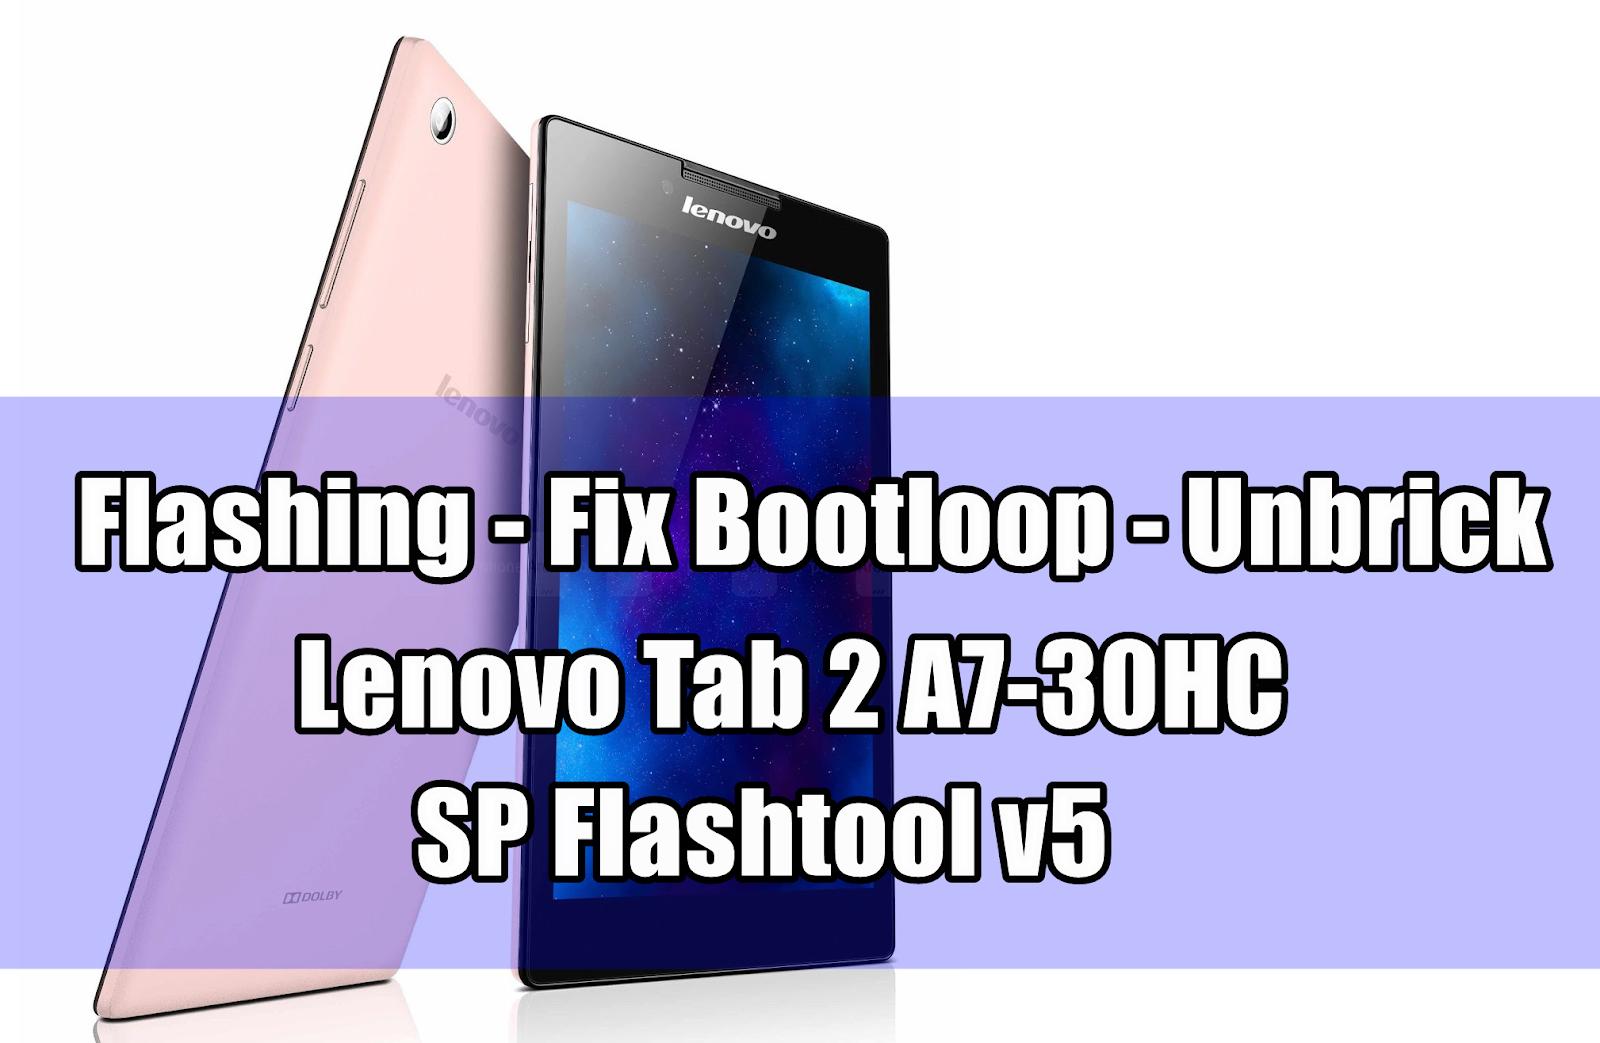 Tutorial Flashing Lenovo Tab 2 A7-30HC via PC